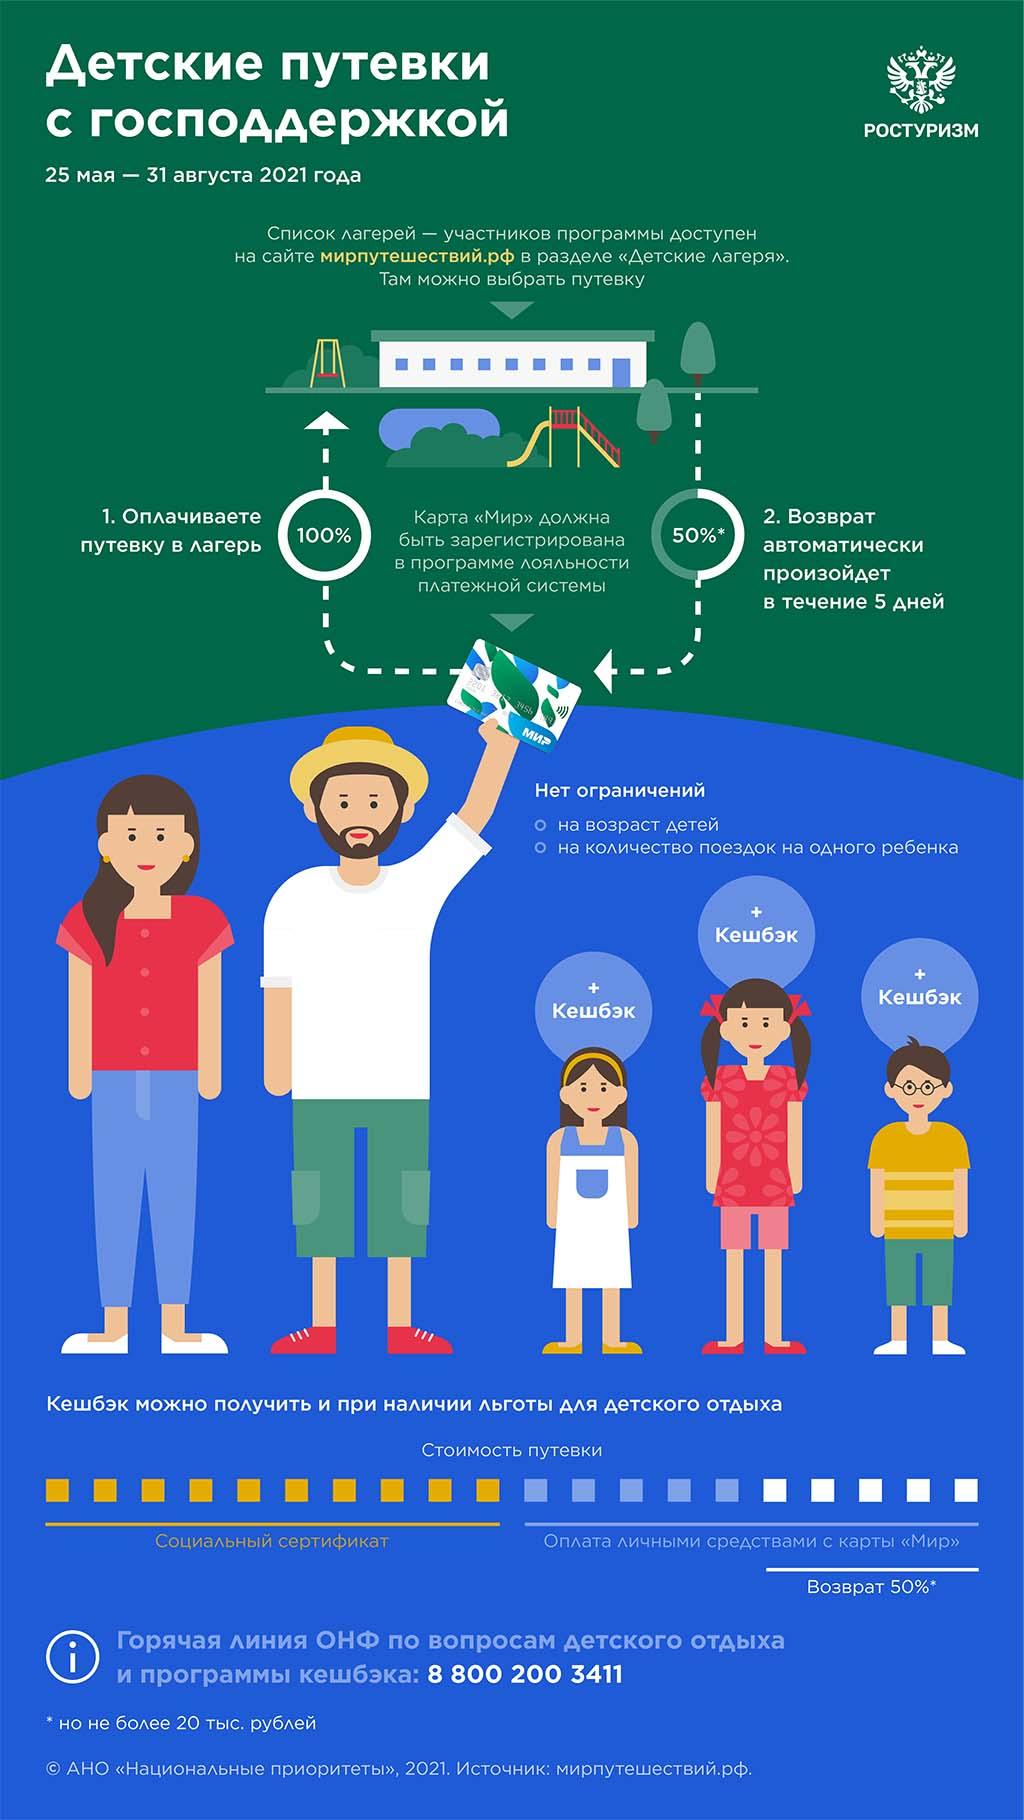 В России стартует программа кешбэка за путевки в детские лагеря